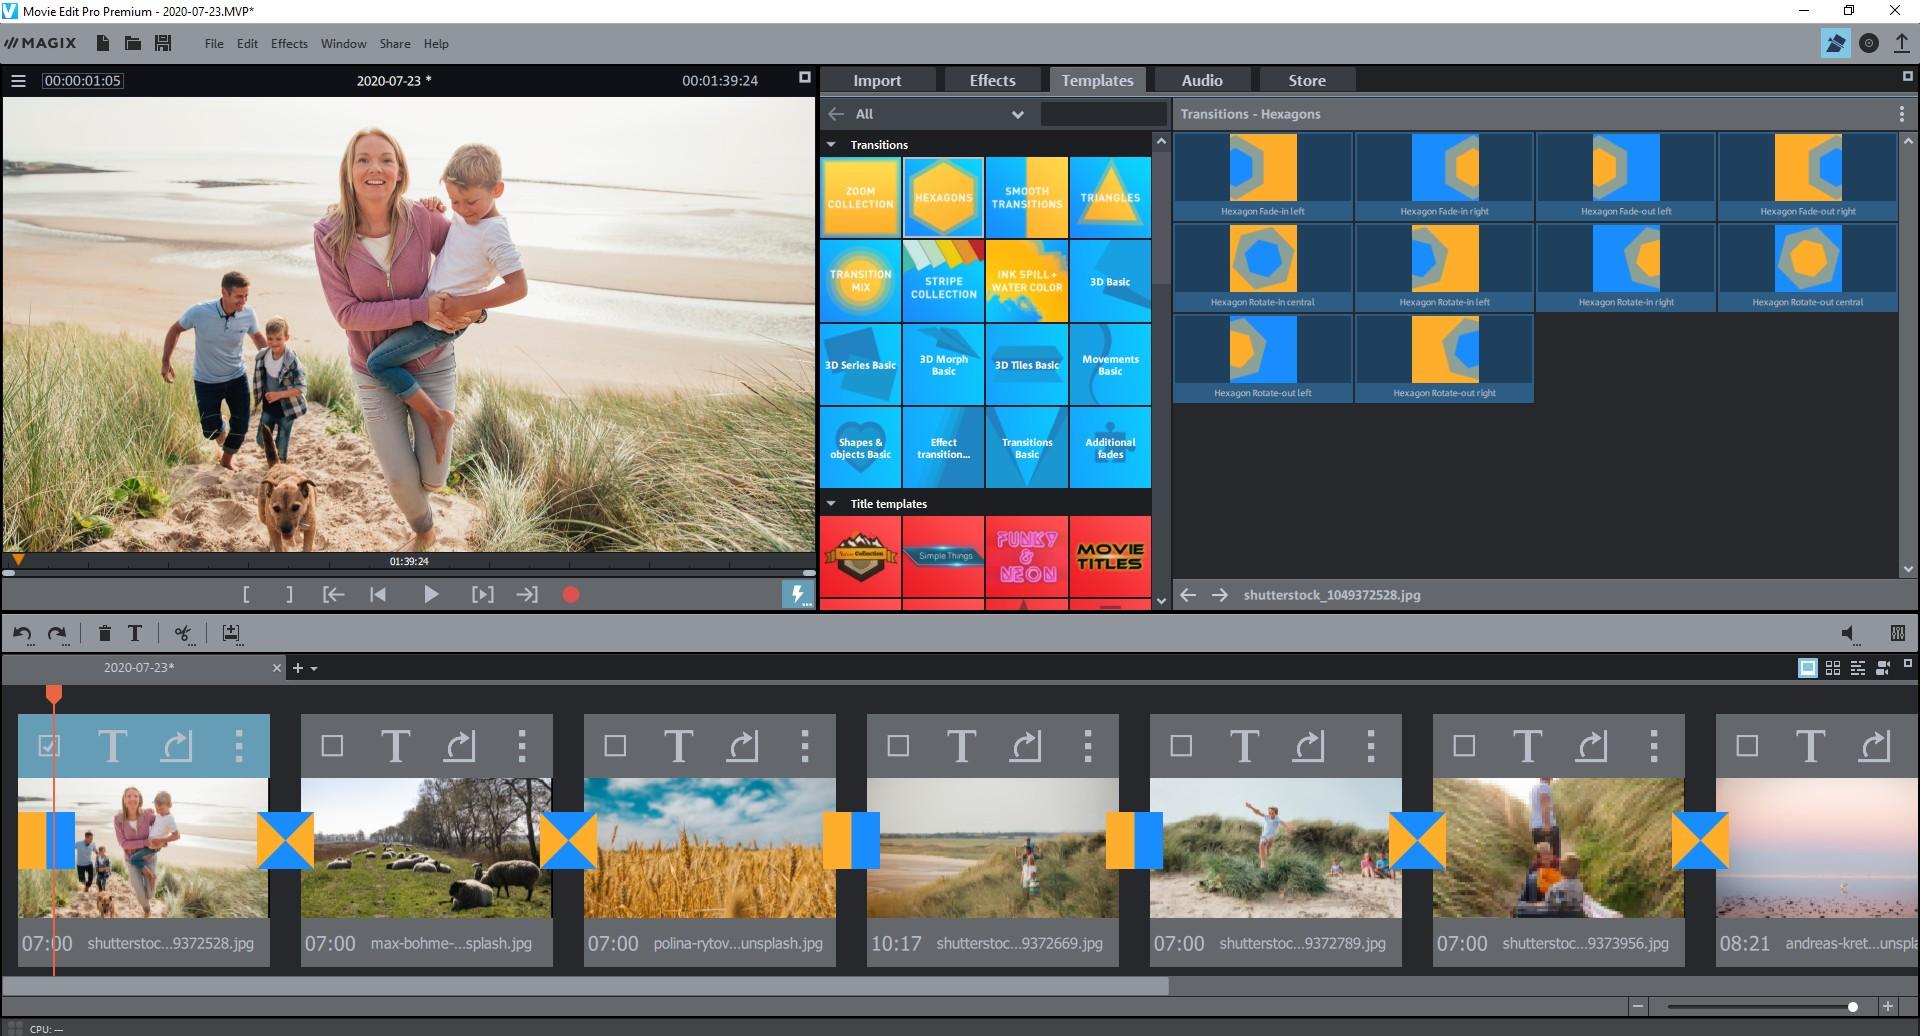 magix-movie-edit-pro-int-screenshot_big.